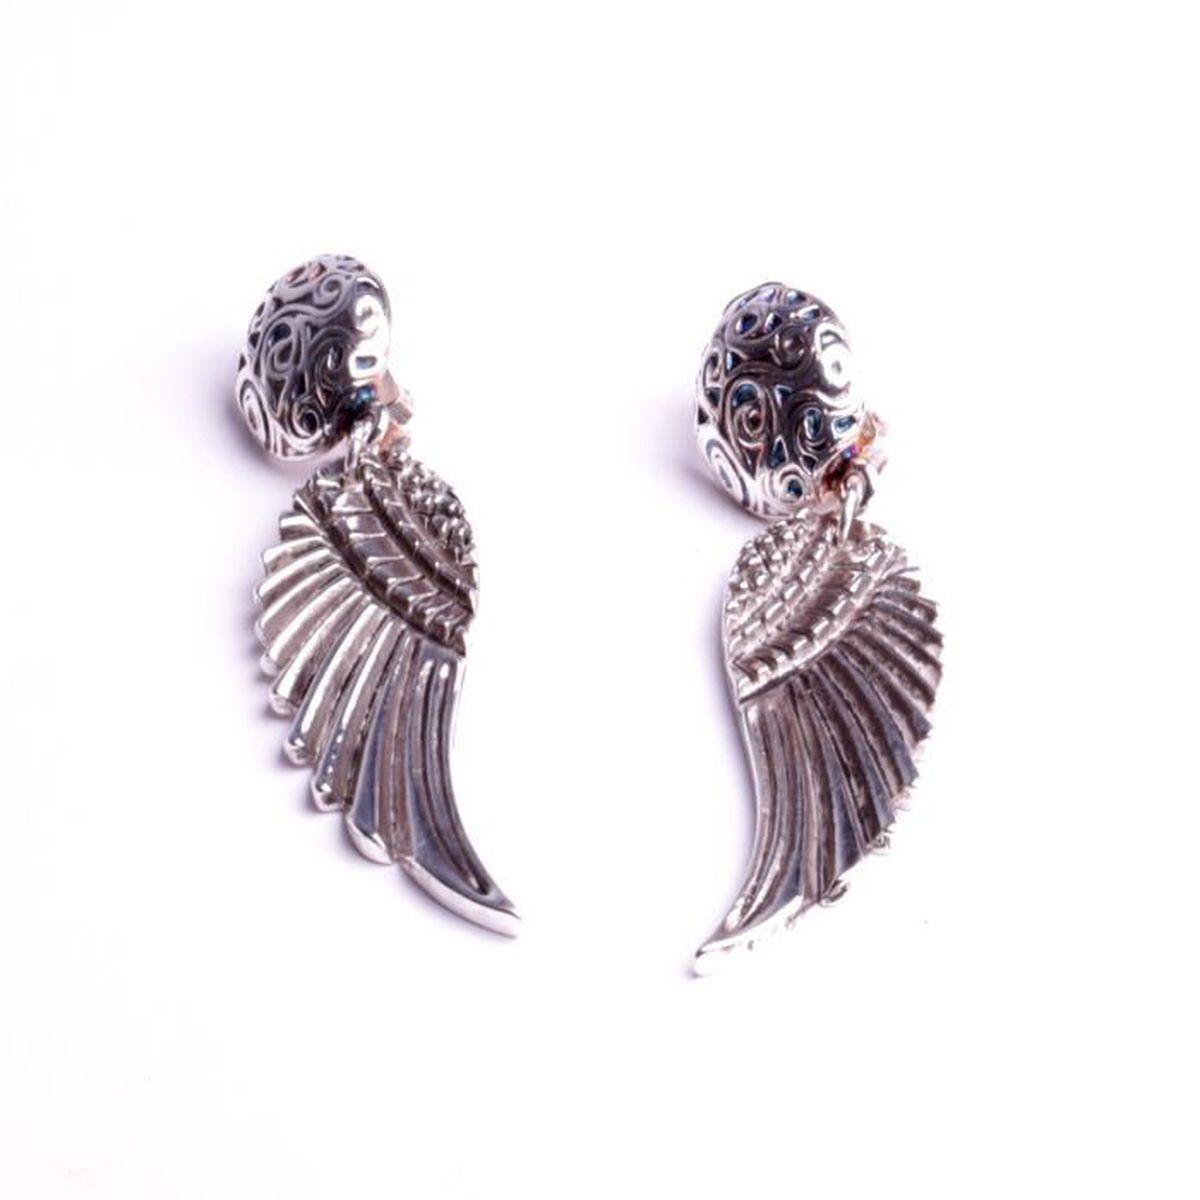 2c7a18b14483b Boucle d oreille Boucles d oreille pendante a clips plume fantaisie